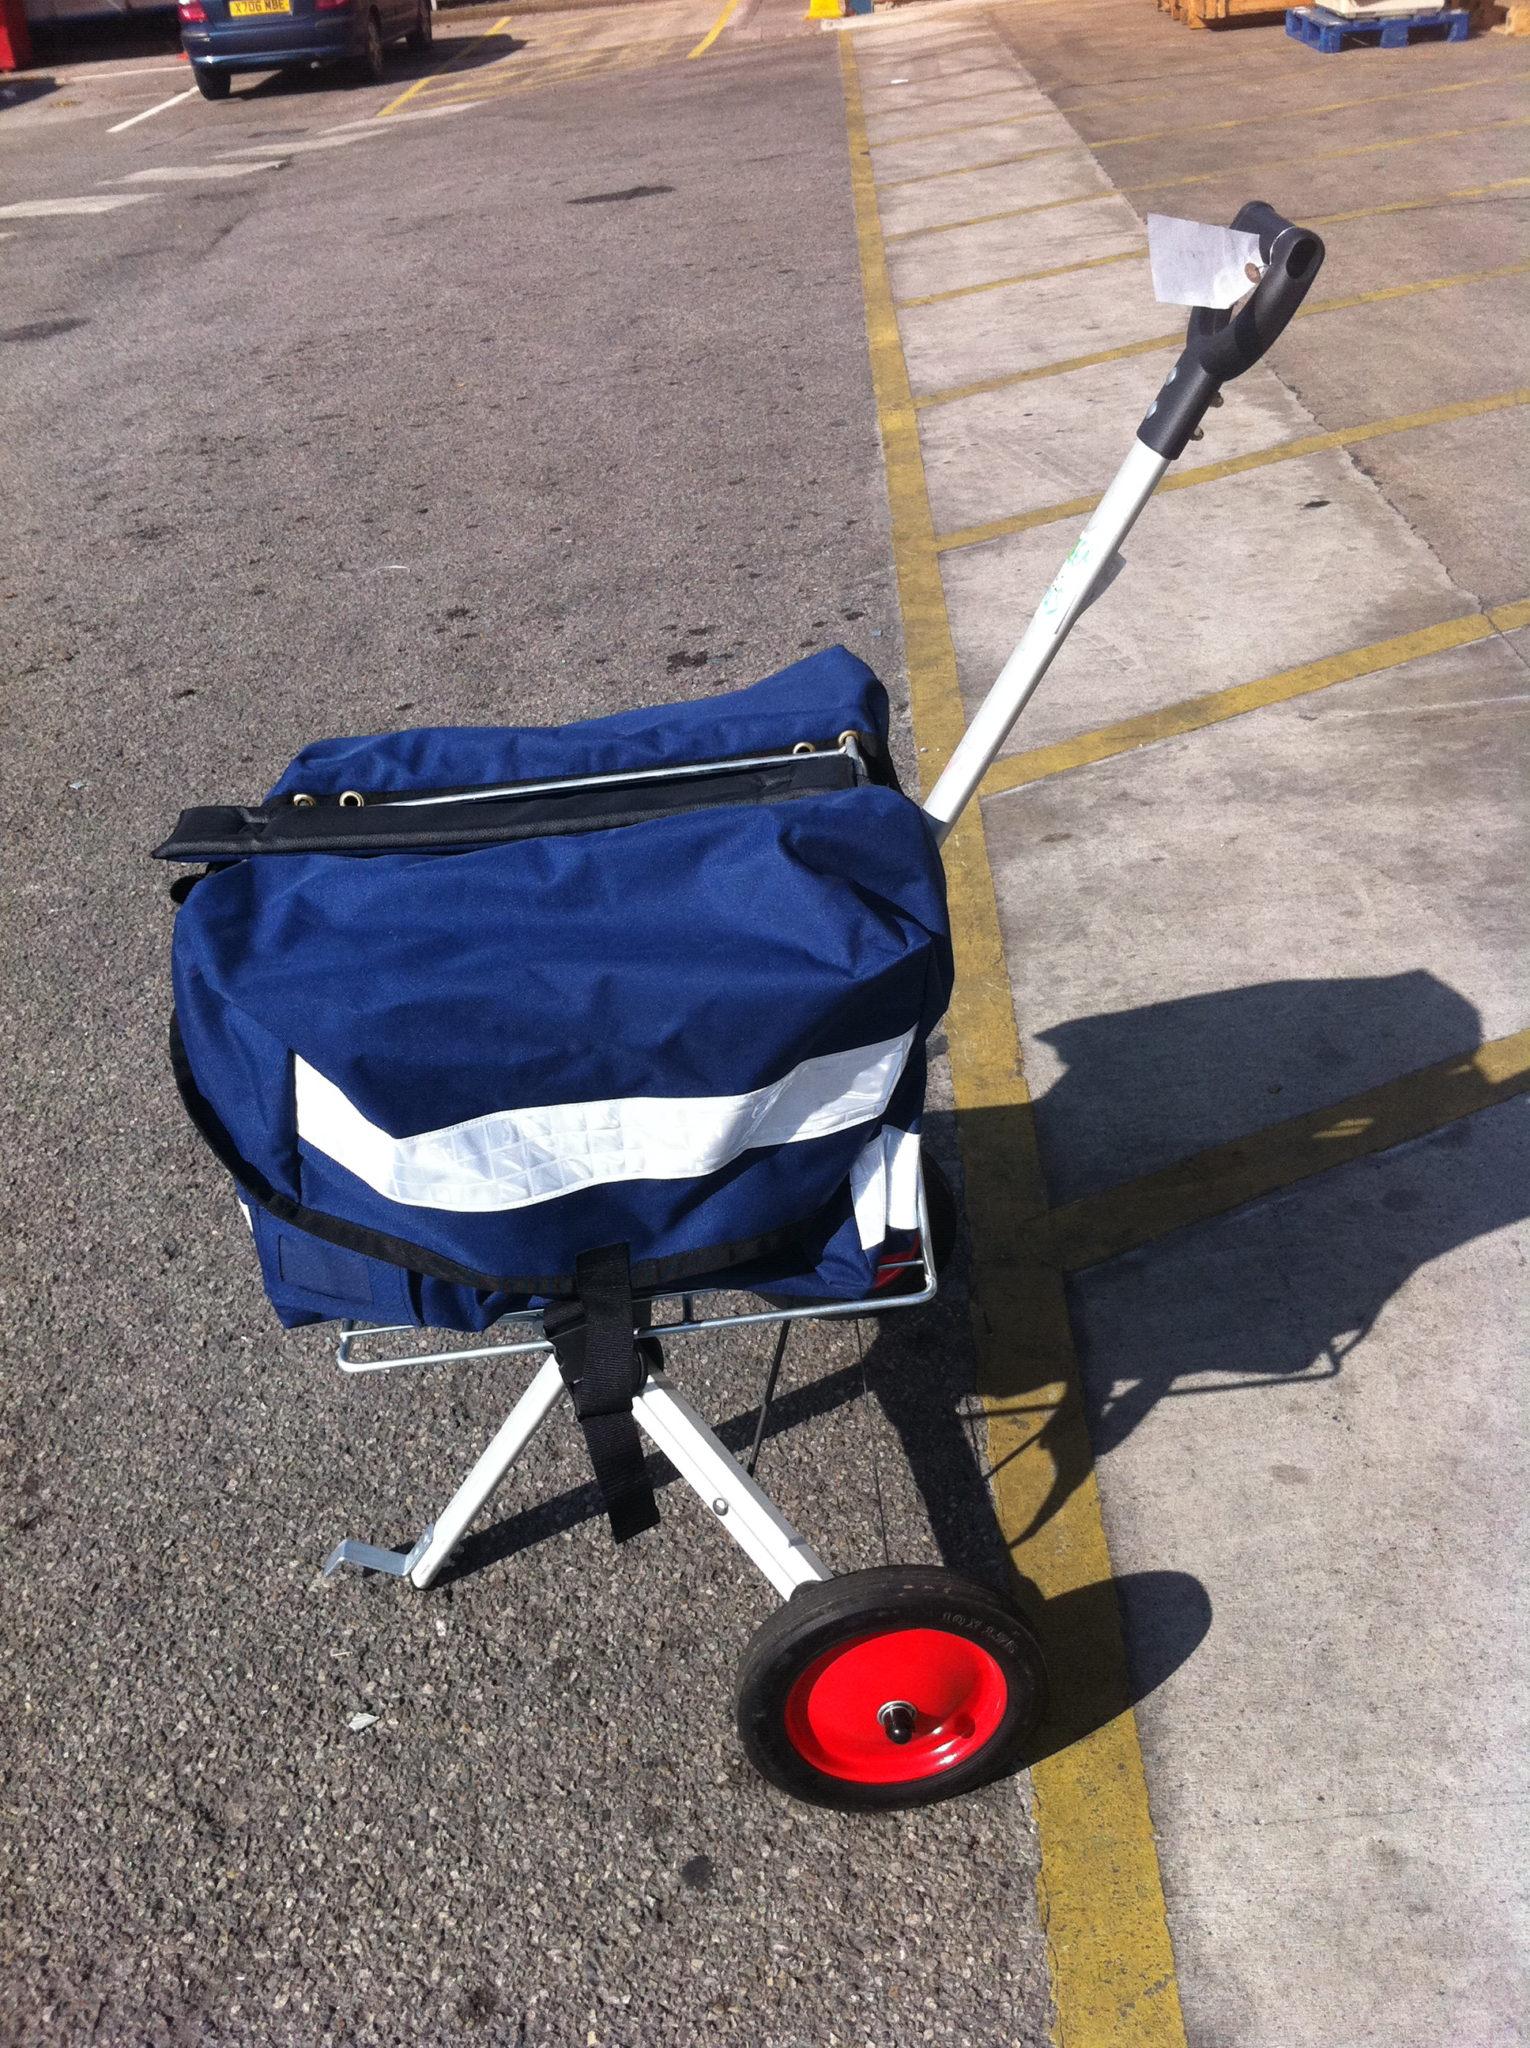 Blue post trolley - Blue post trolley